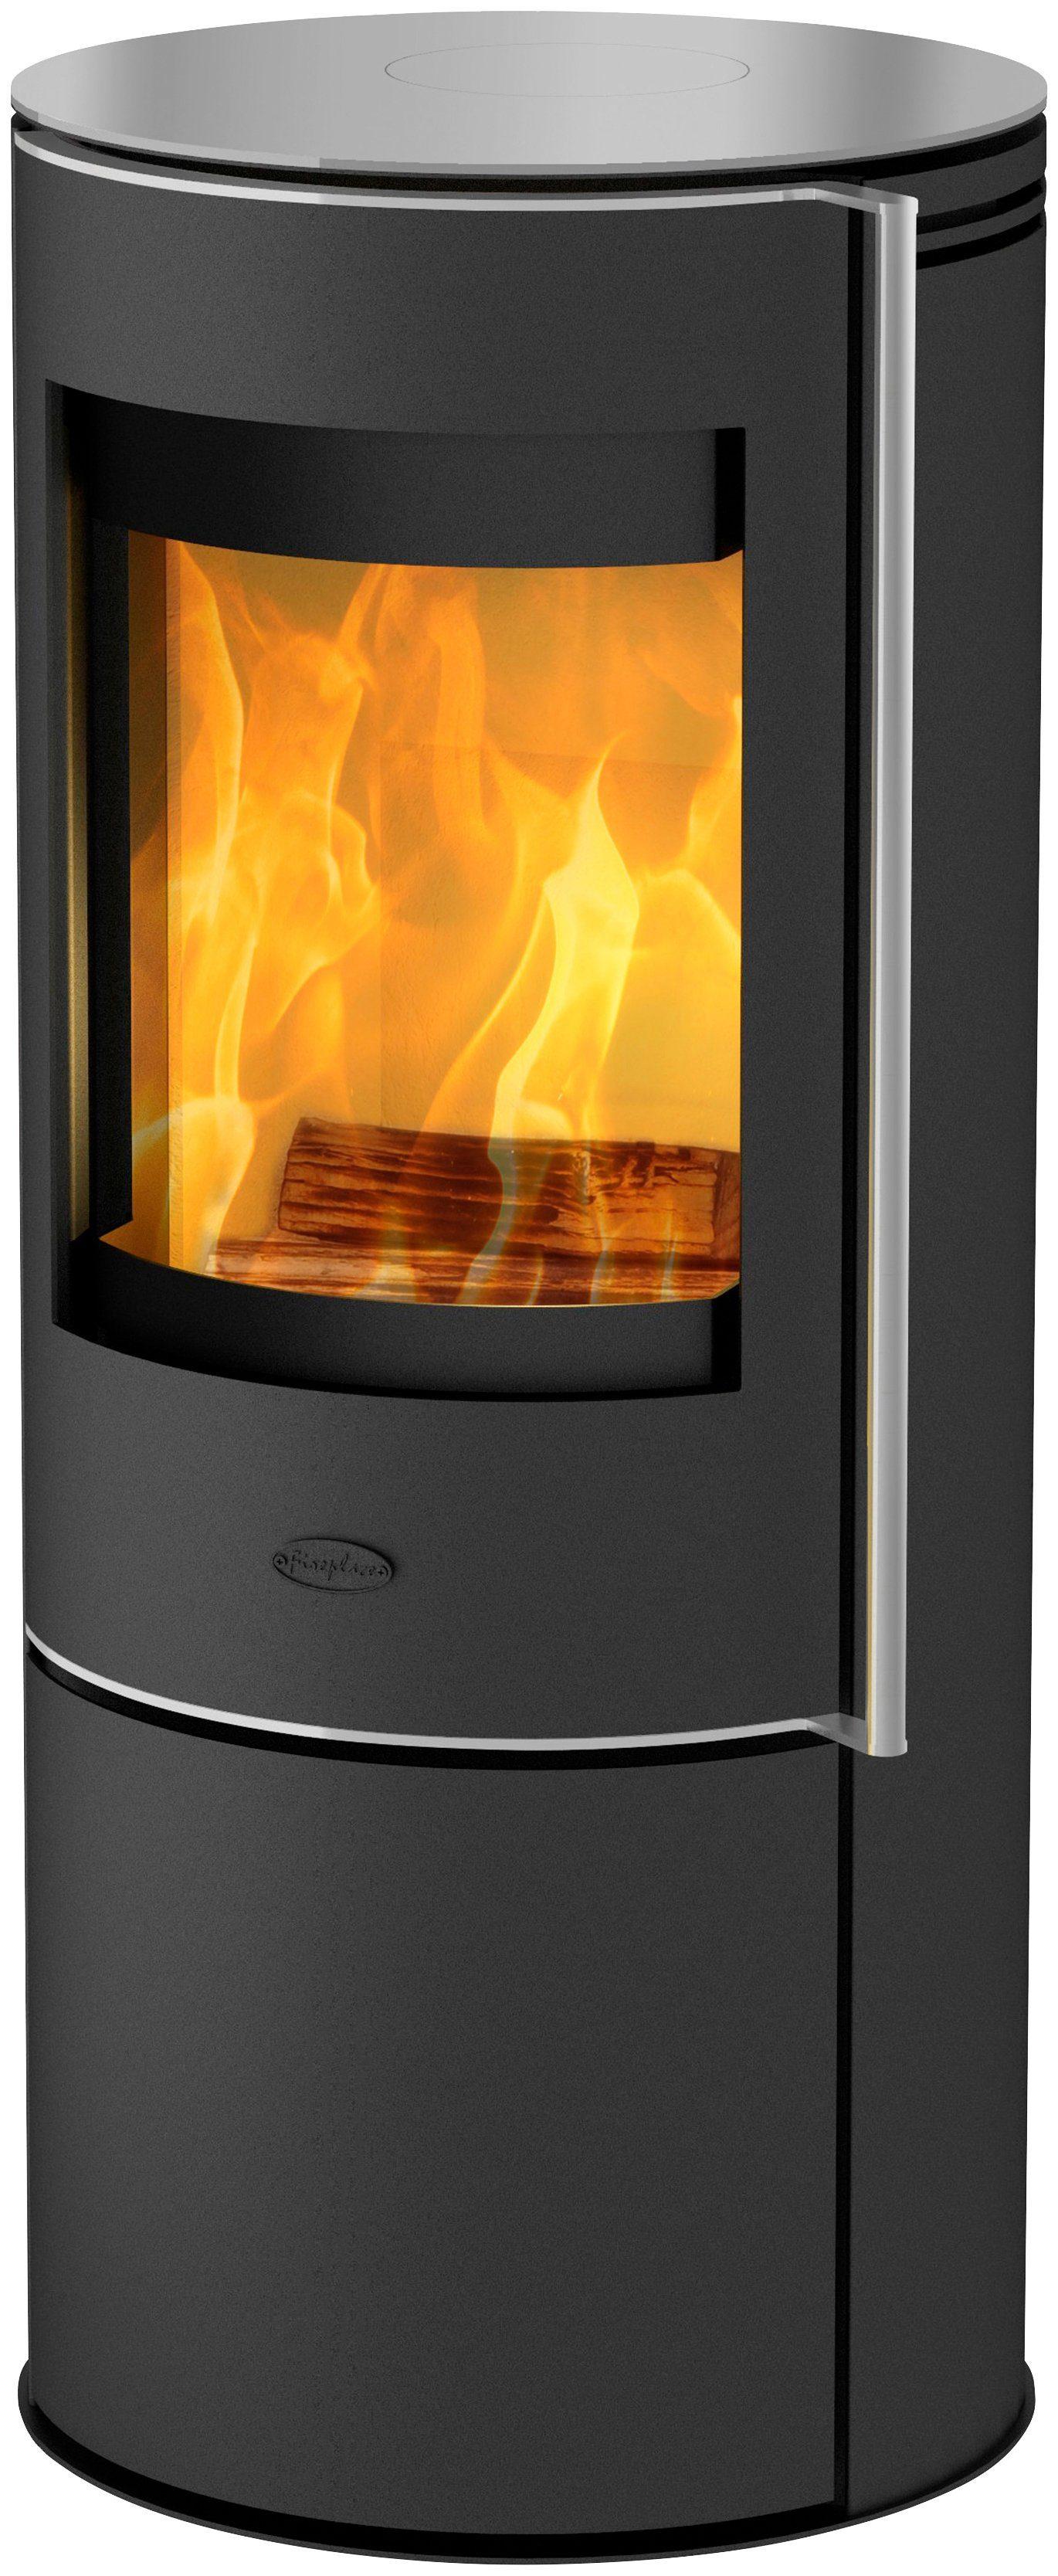 FIREPLACE Kaminofen »ORANDO Glas«, Stahl, 5 kW, exz. Luftzufuhr